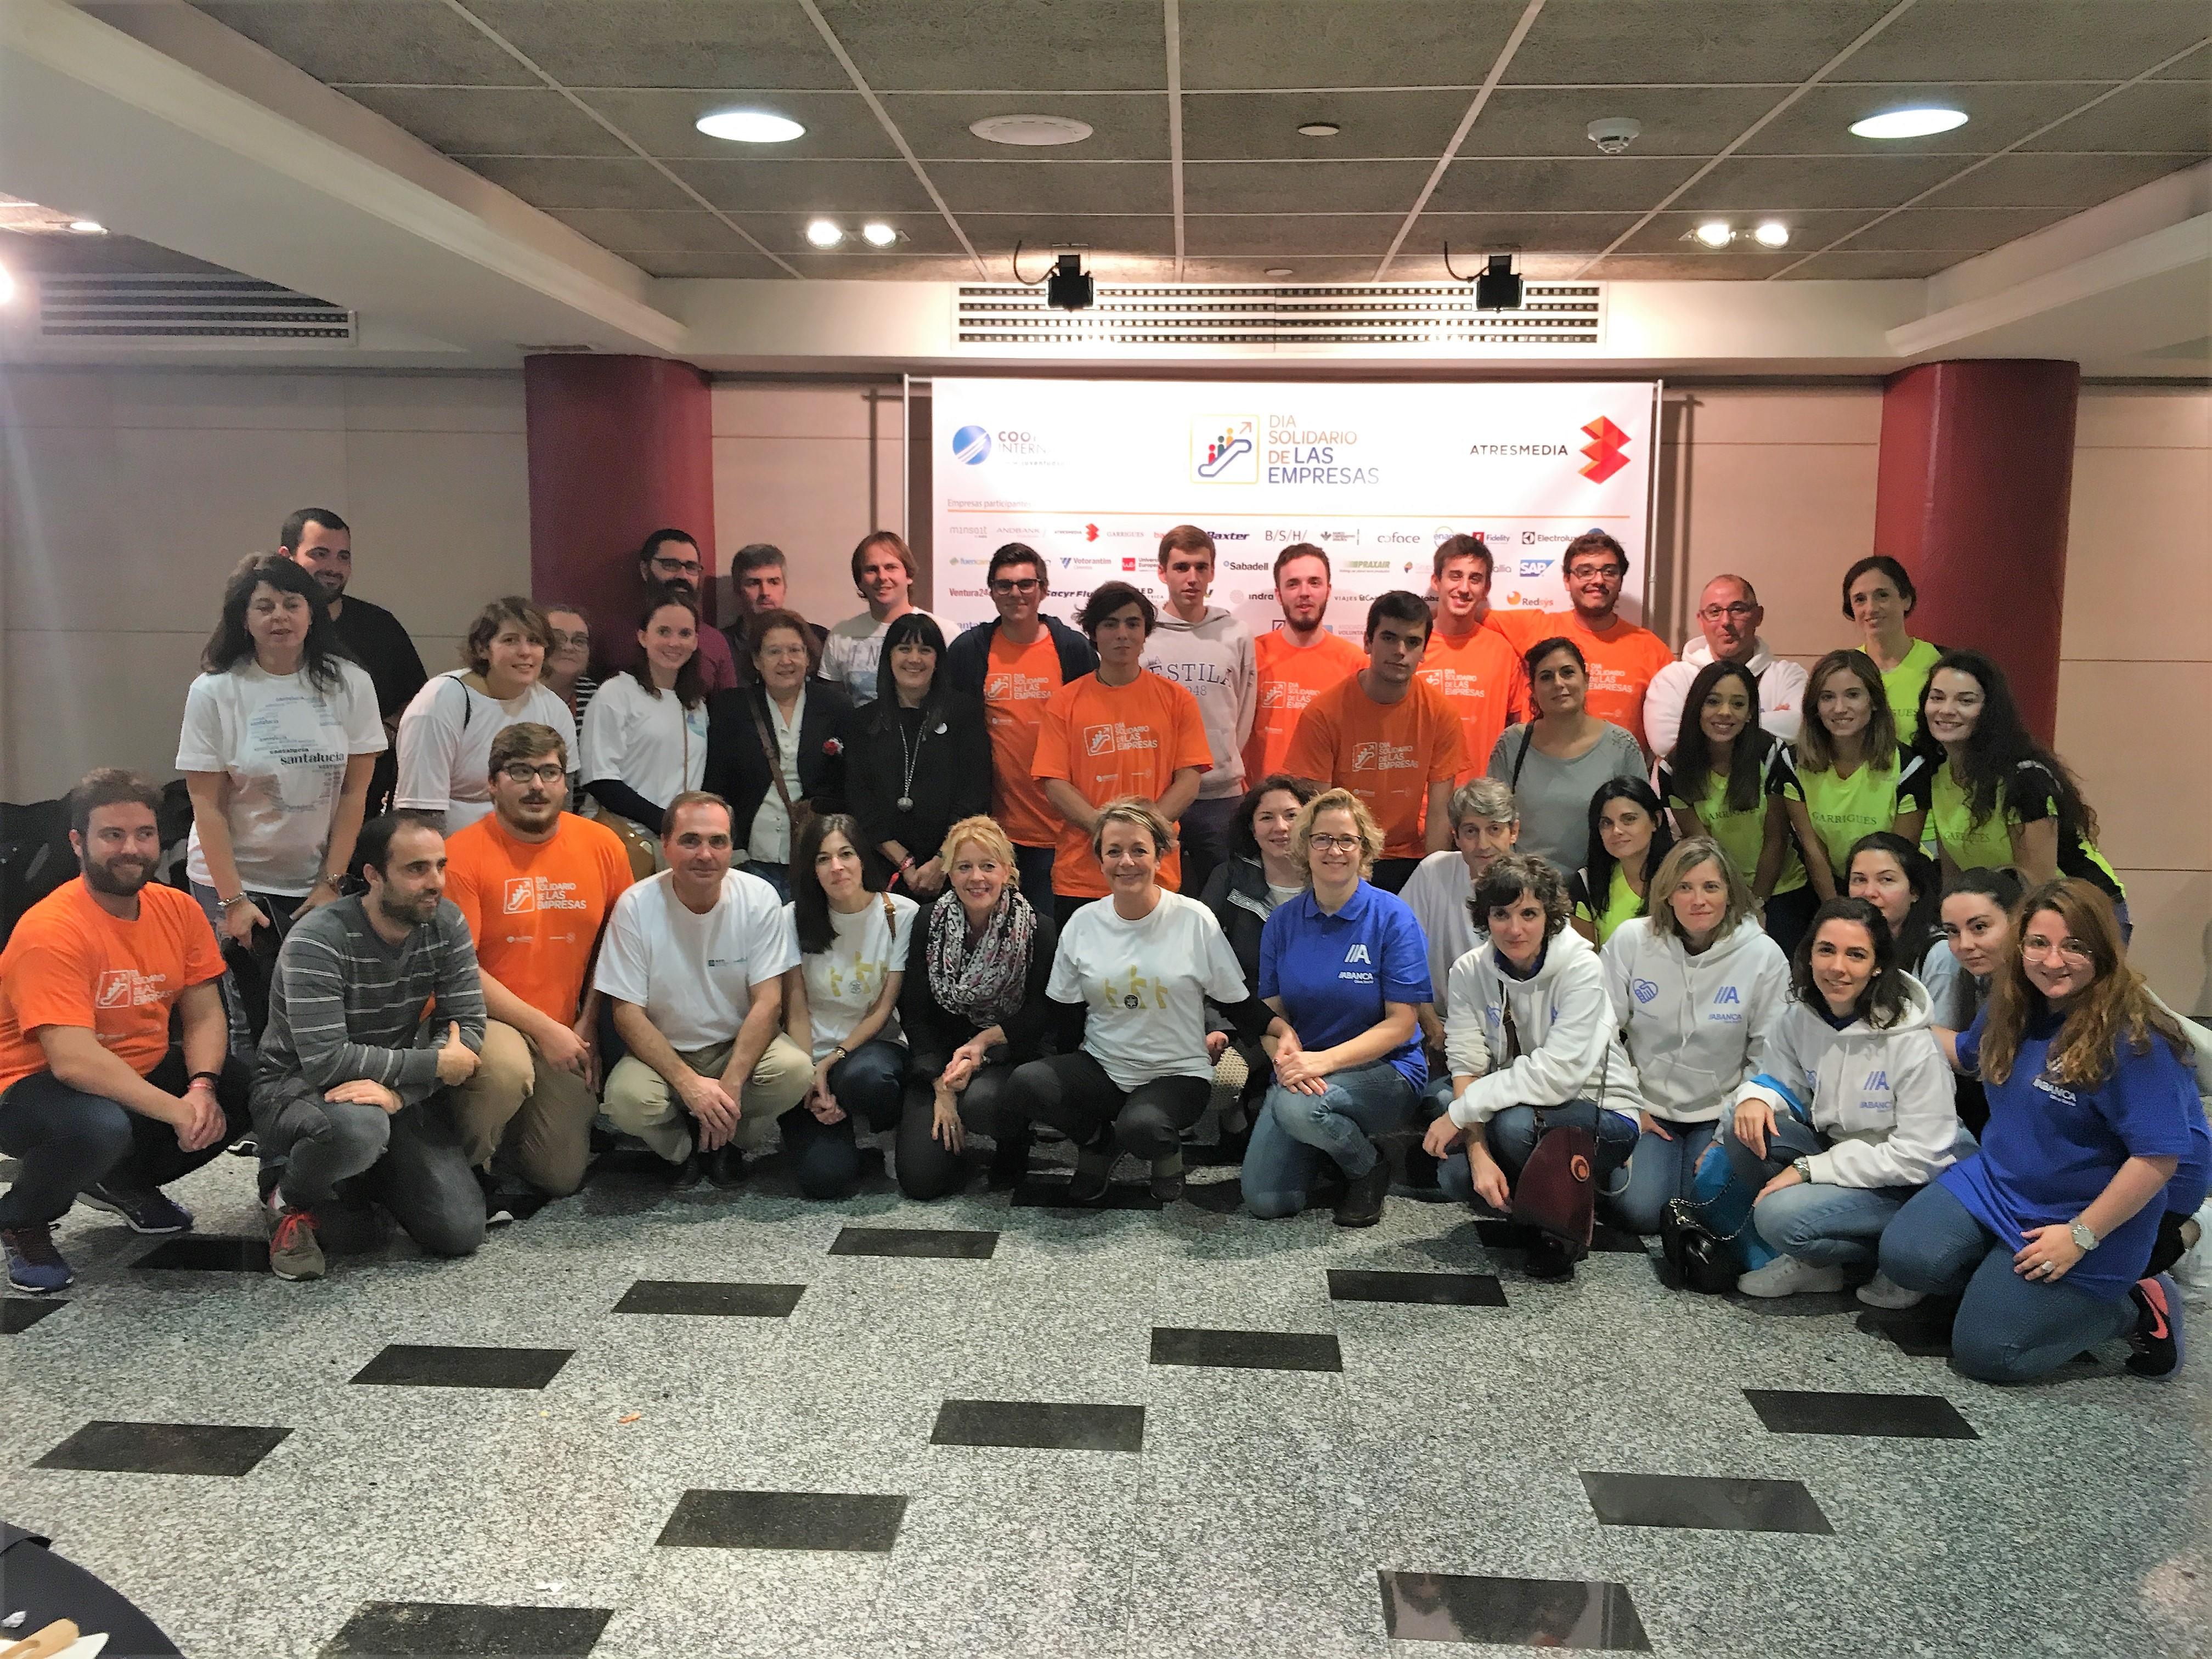 Empresas de todo el país participan en una jornada de voluntariado corporativo con sus trabajadores